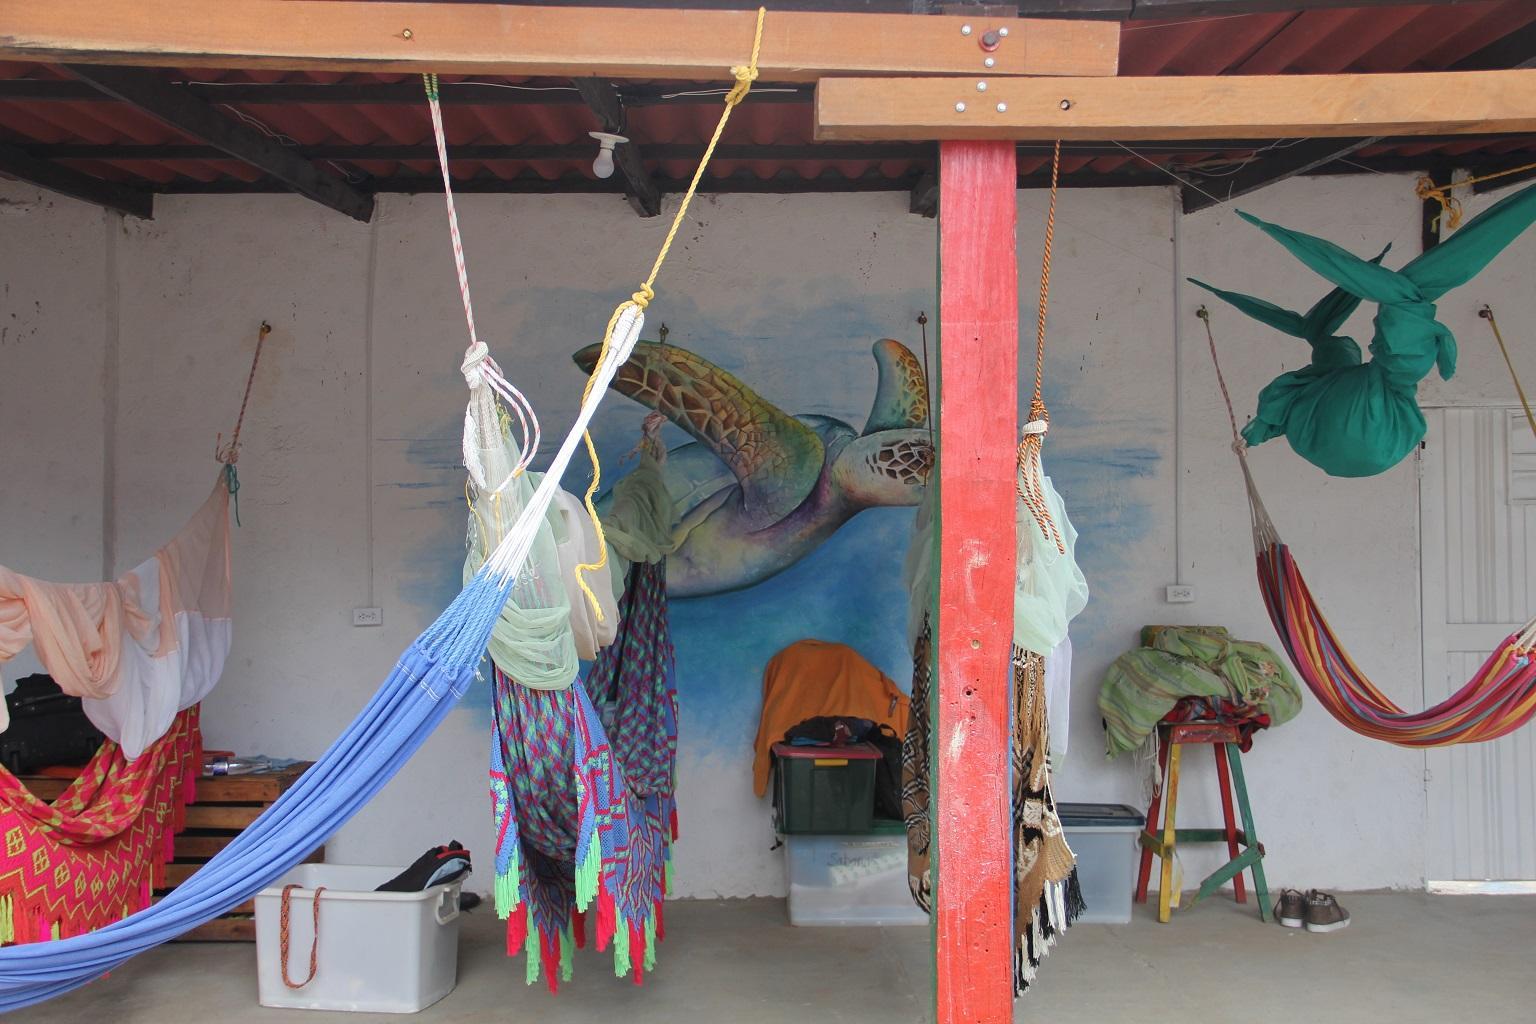 Habitacion al aire libre compartida con Hamacas  photo 6443556